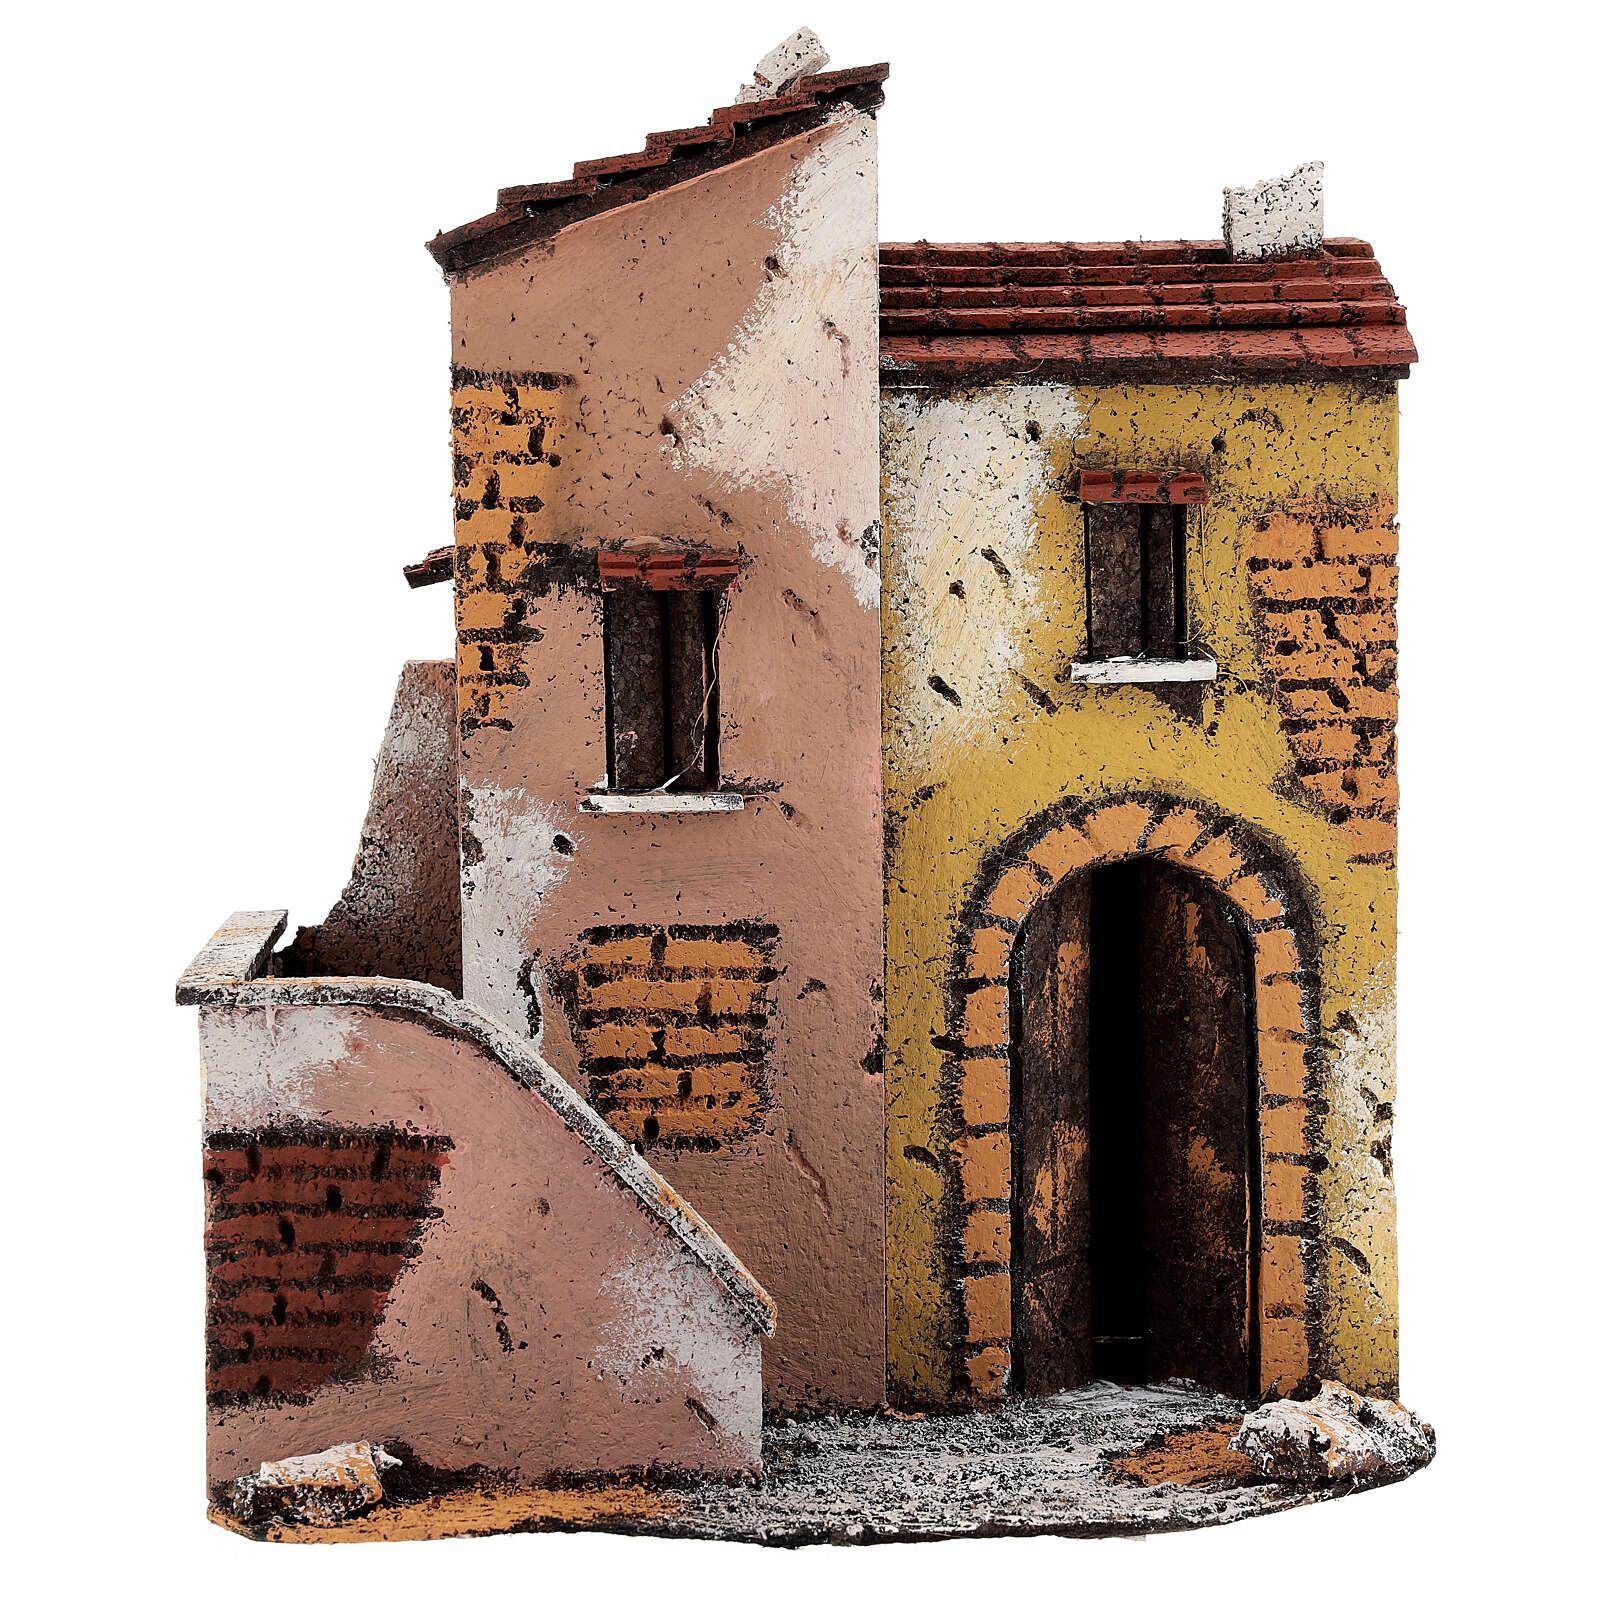 Adjacent houses for Neapolitan Nativity scene 25x25x15 for statues 8-10 cm 4